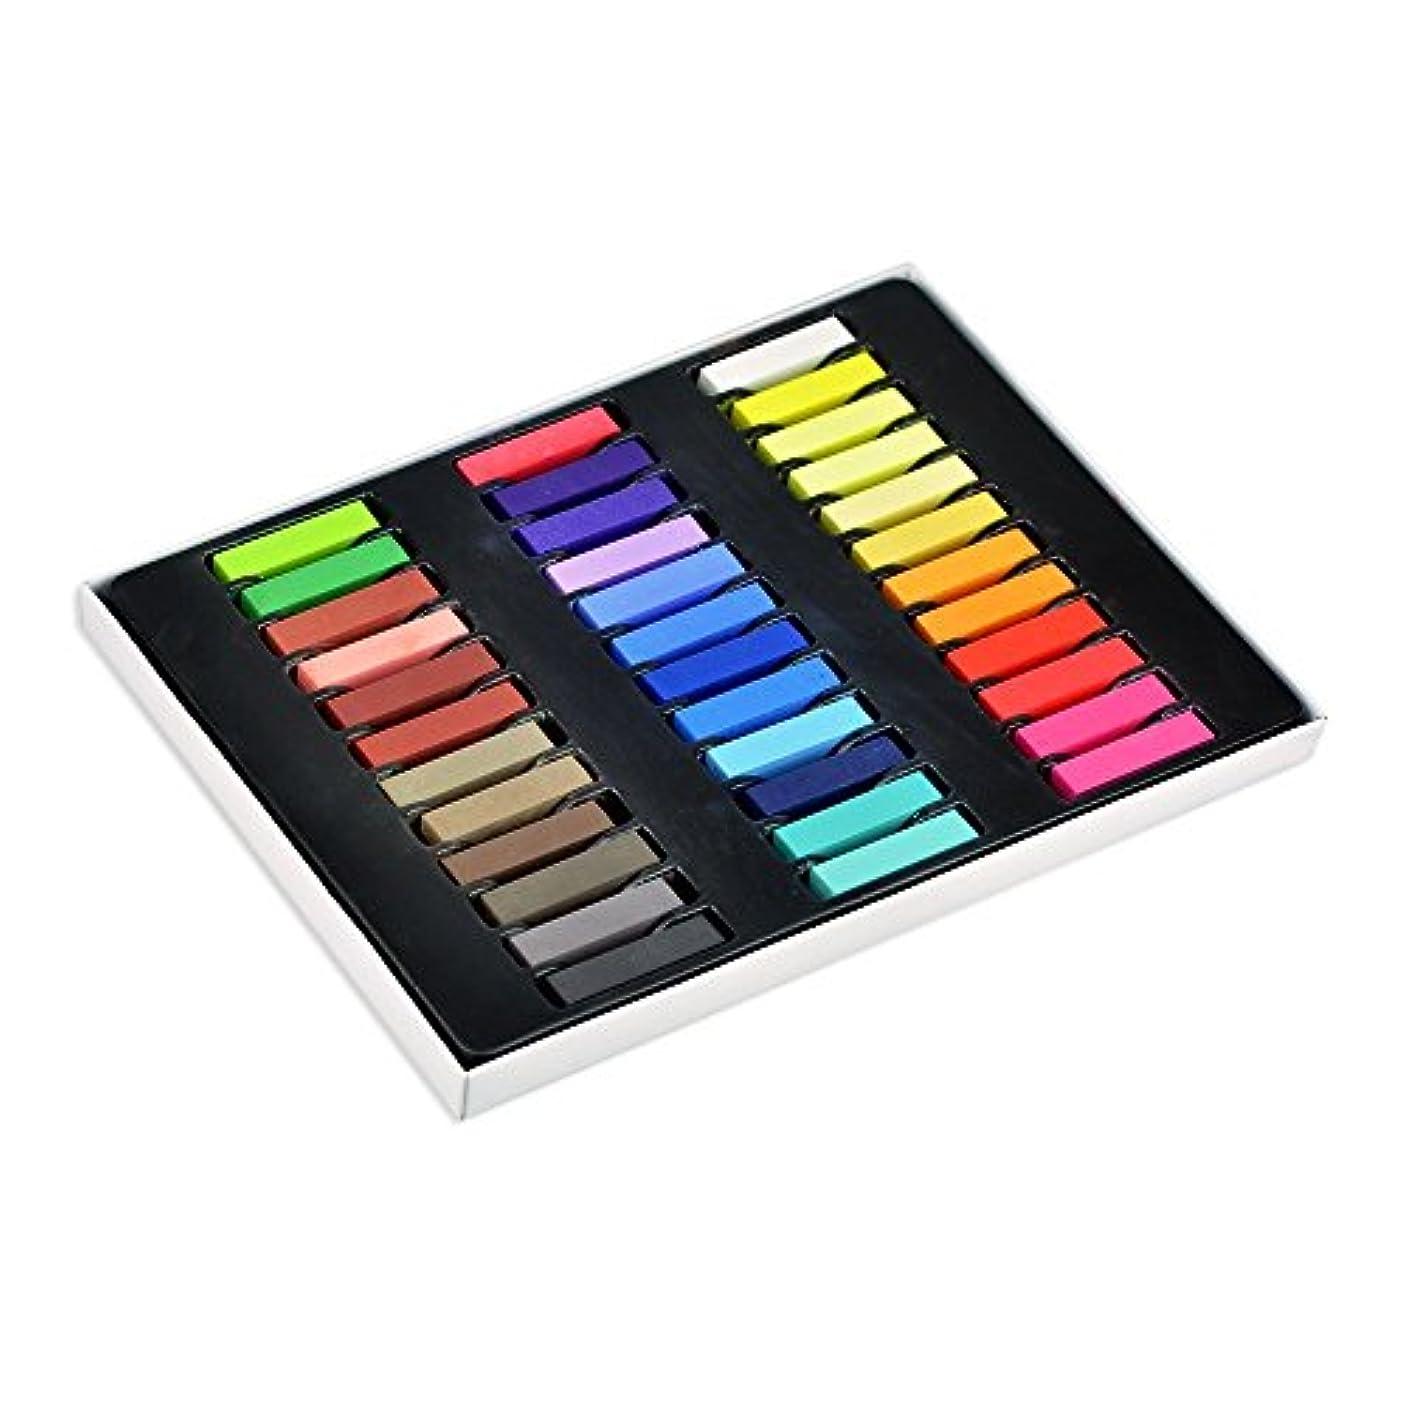 約一値するヘアカラー ヘアカラー チョーク 髪染め ファッション ヘアチョーク ヘアカラーチョーク Hair color chalk (全36色)